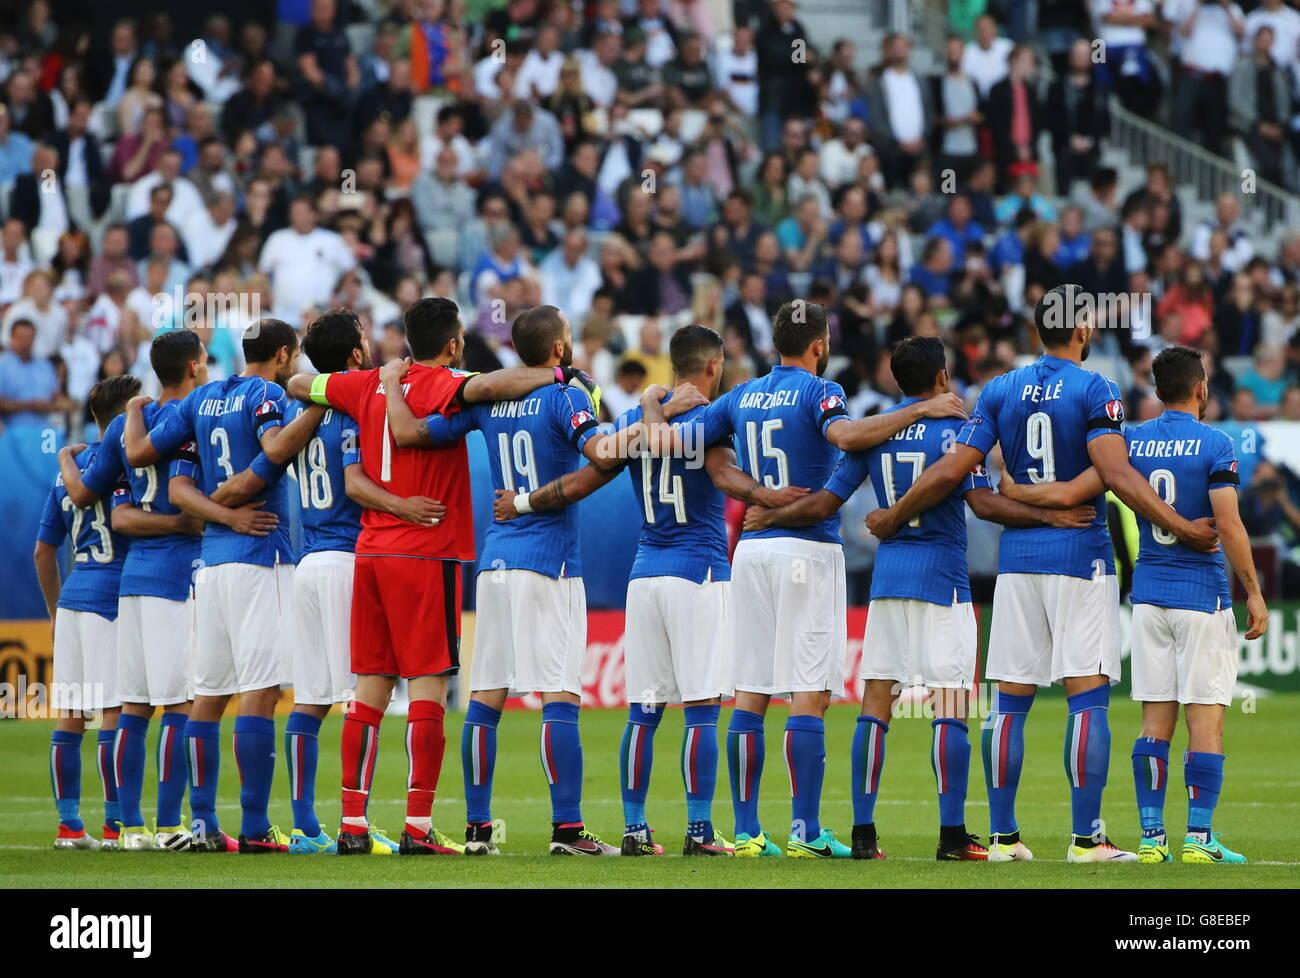 2a3aefad8d0 Italian National Football Team Stock Photos & Italian National ...